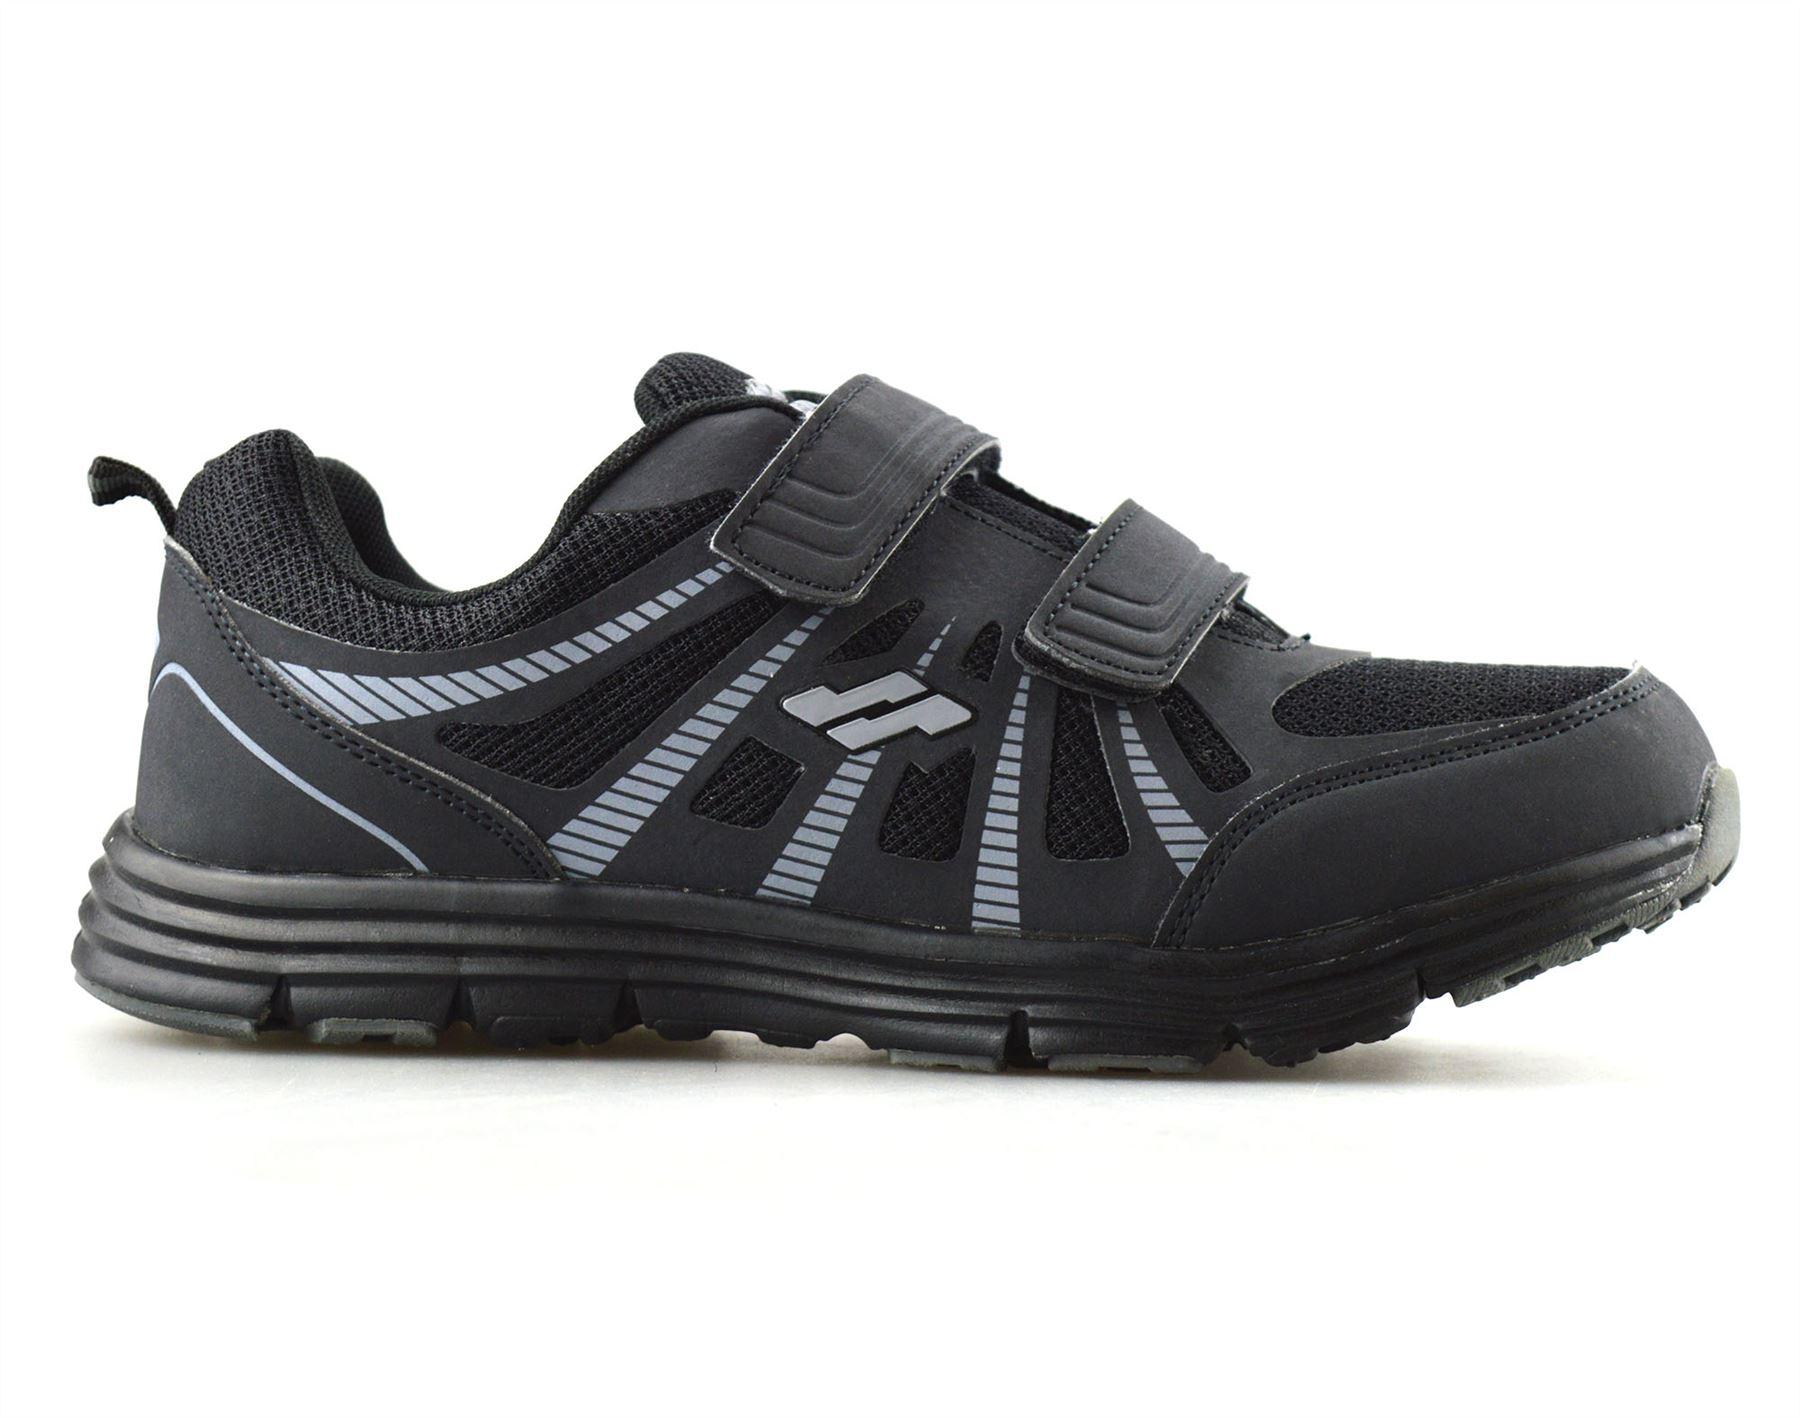 Hombre-Nuevo-Casual-Tactil-Correa-Pasear-Running-Gimnasio-Deportes-Ninos-Zapatillas-Zapatos-Talla miniatura 11